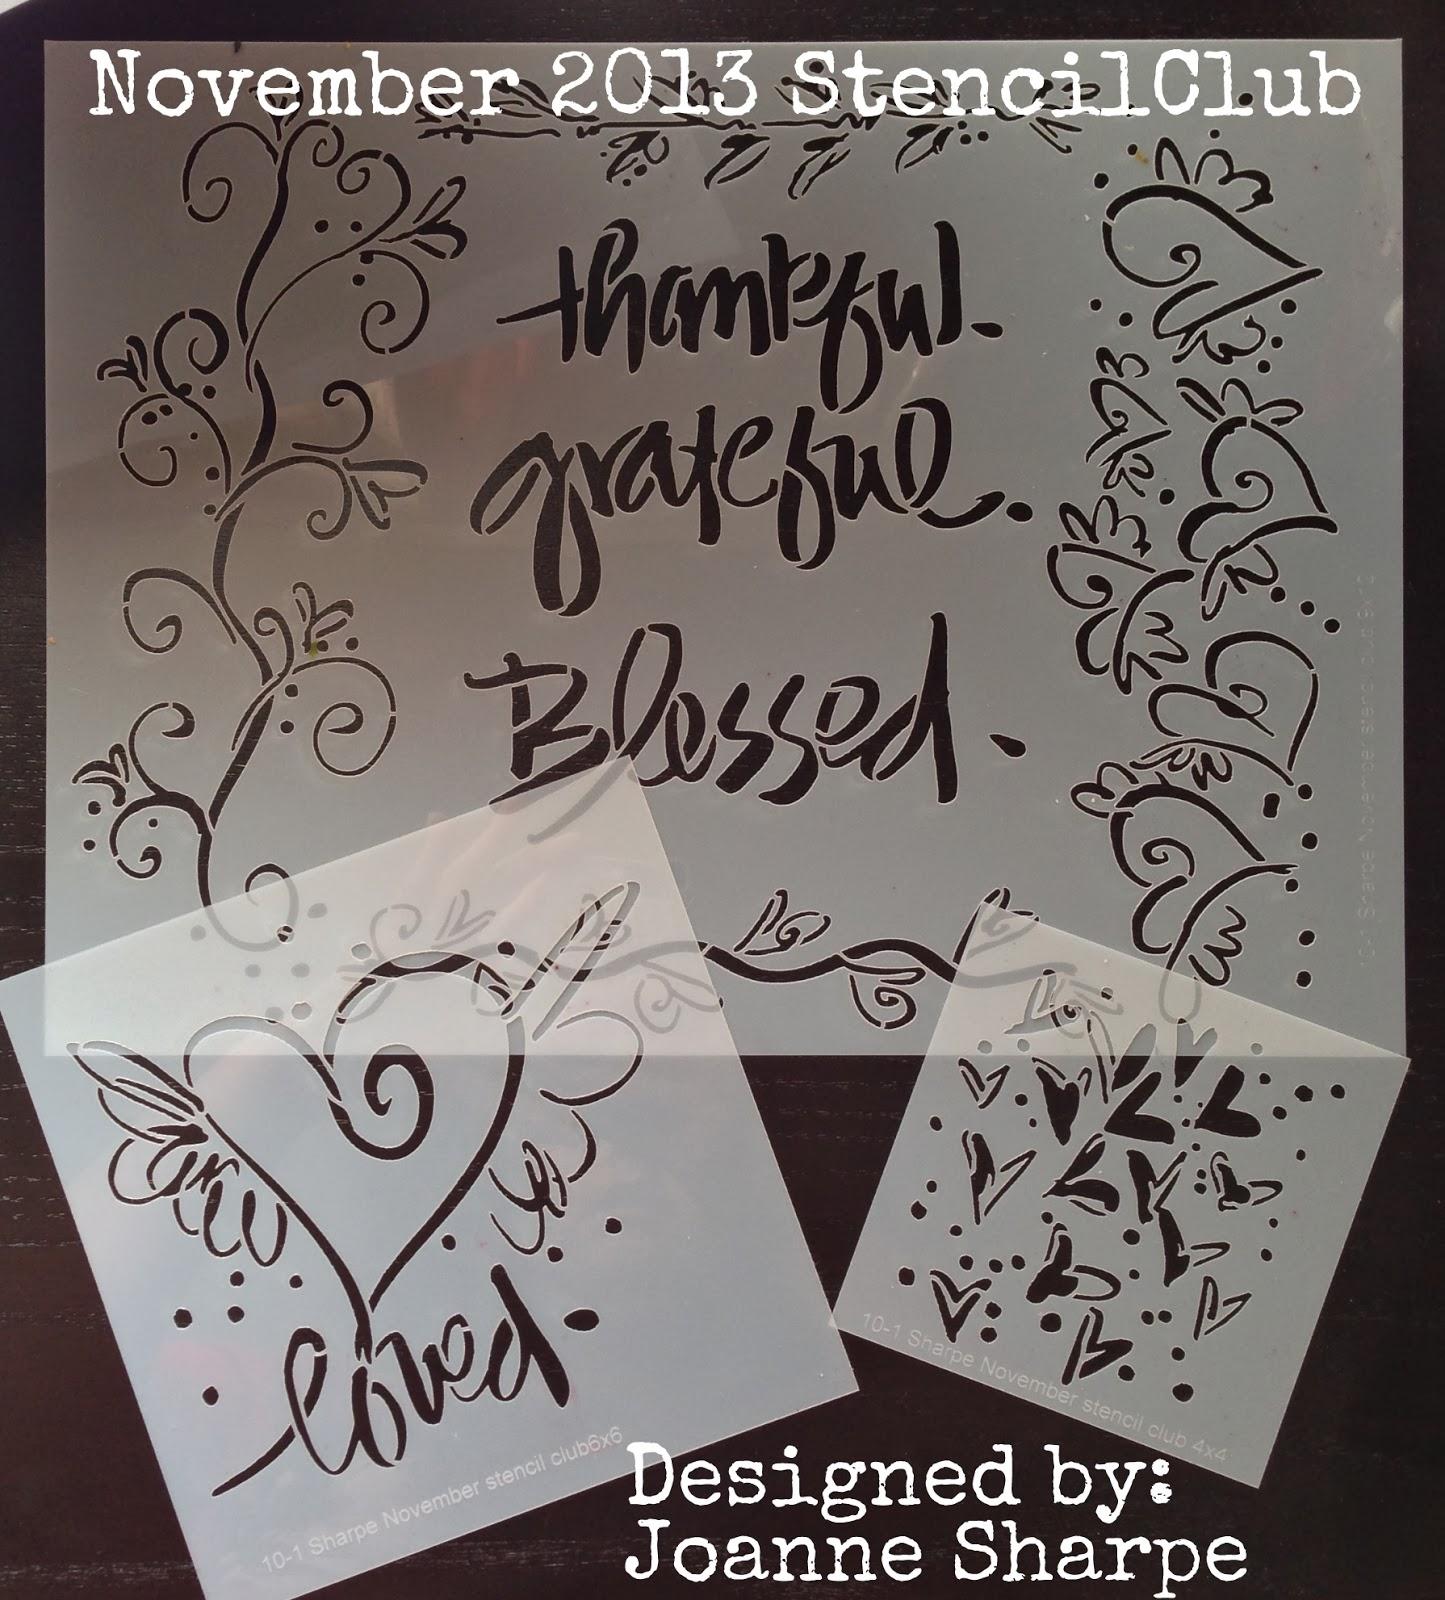 November 2013: StencilGirl Talk: StencilGirl StencilClub November 2013